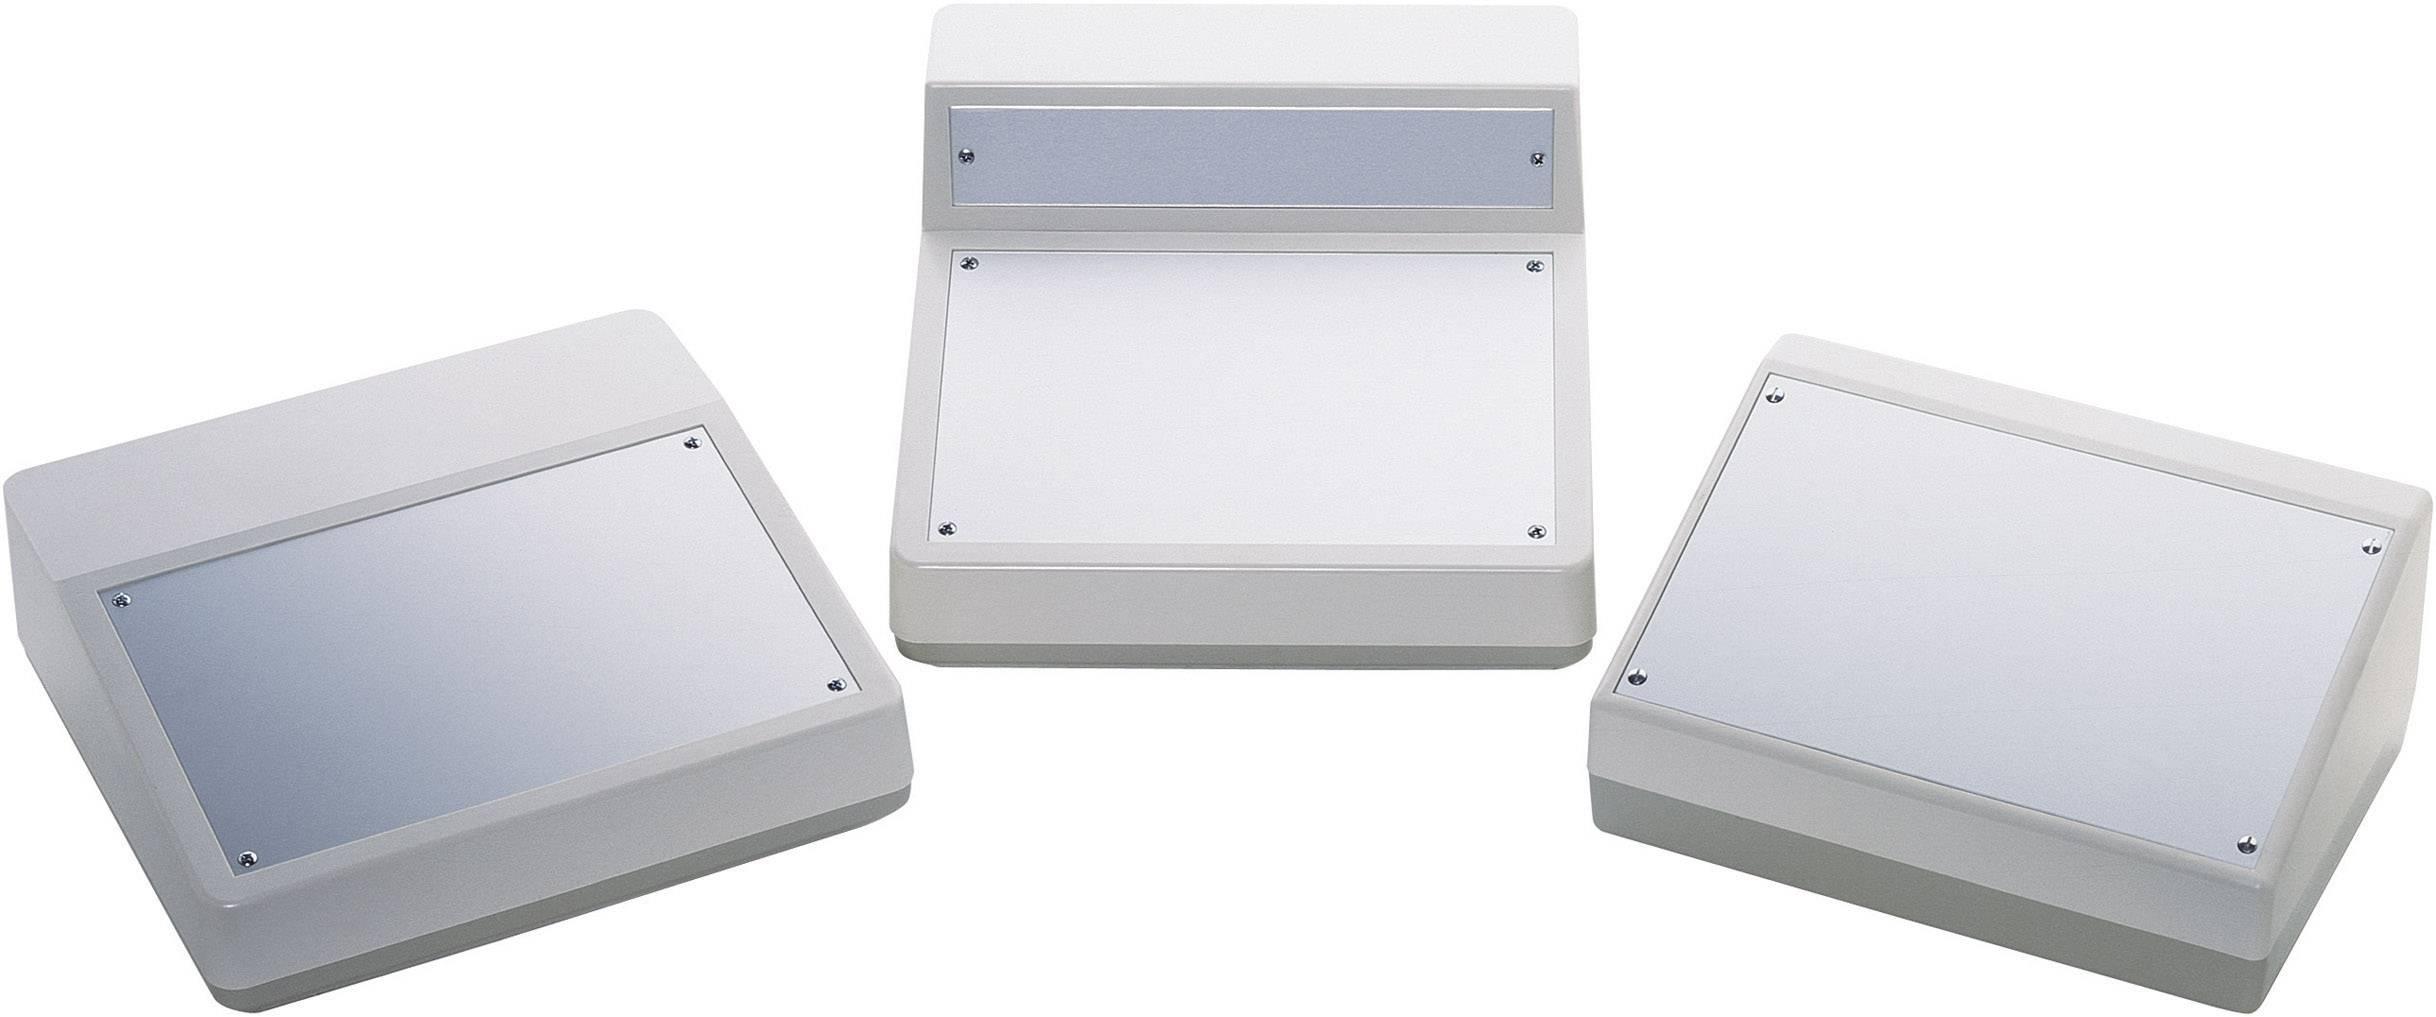 Skrinka na ovládací pult OKW AS054468, 228 x 76 x 216 mm, ABS, hliník, hliník (eloxovaný), 1 ks